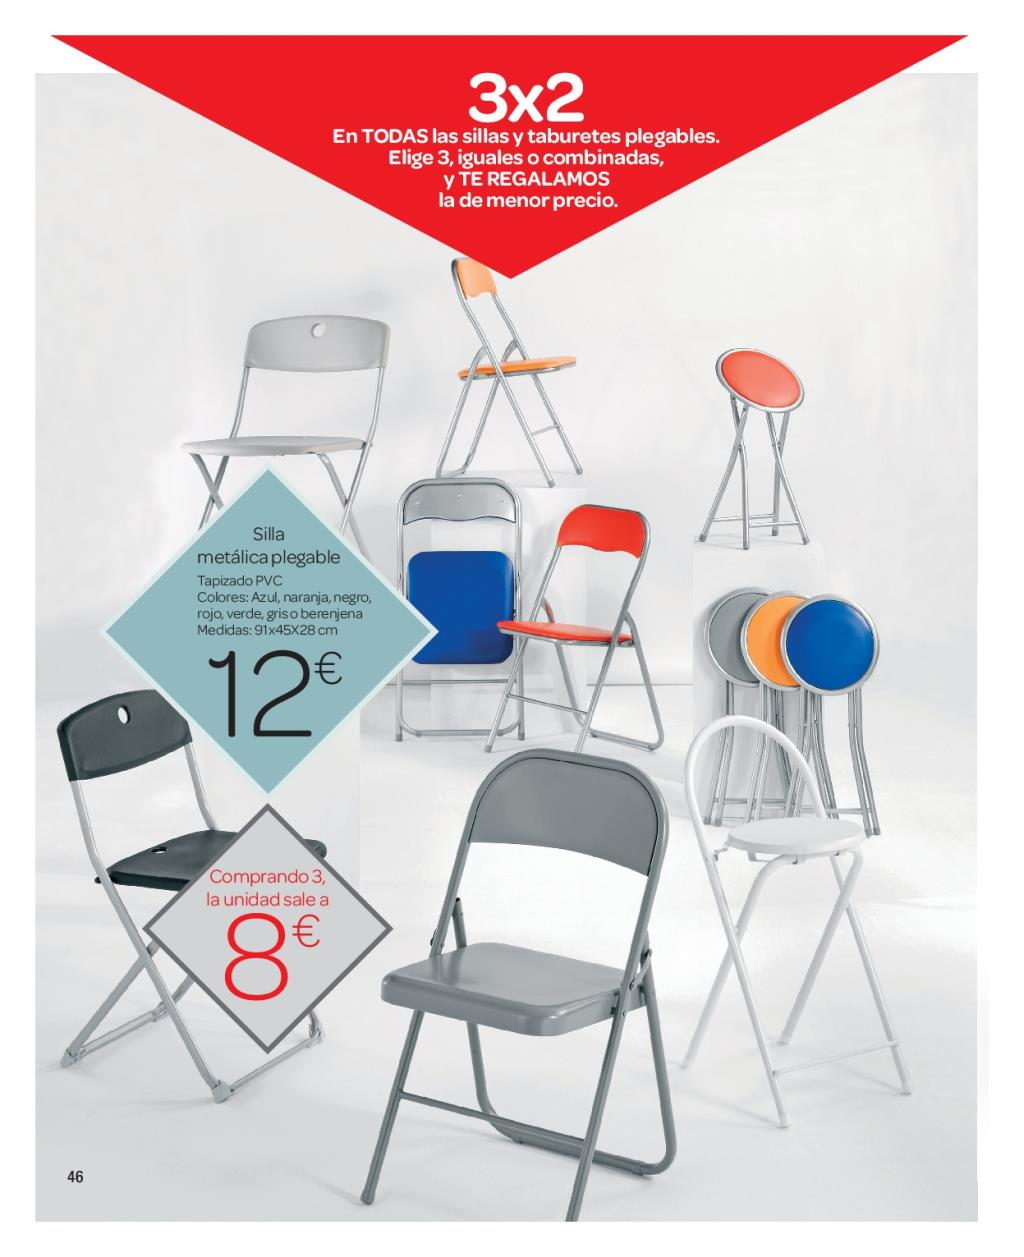 Iluminacion Baño Carrefour:Carrefour: catálogo de decoración 2016 (45/74)